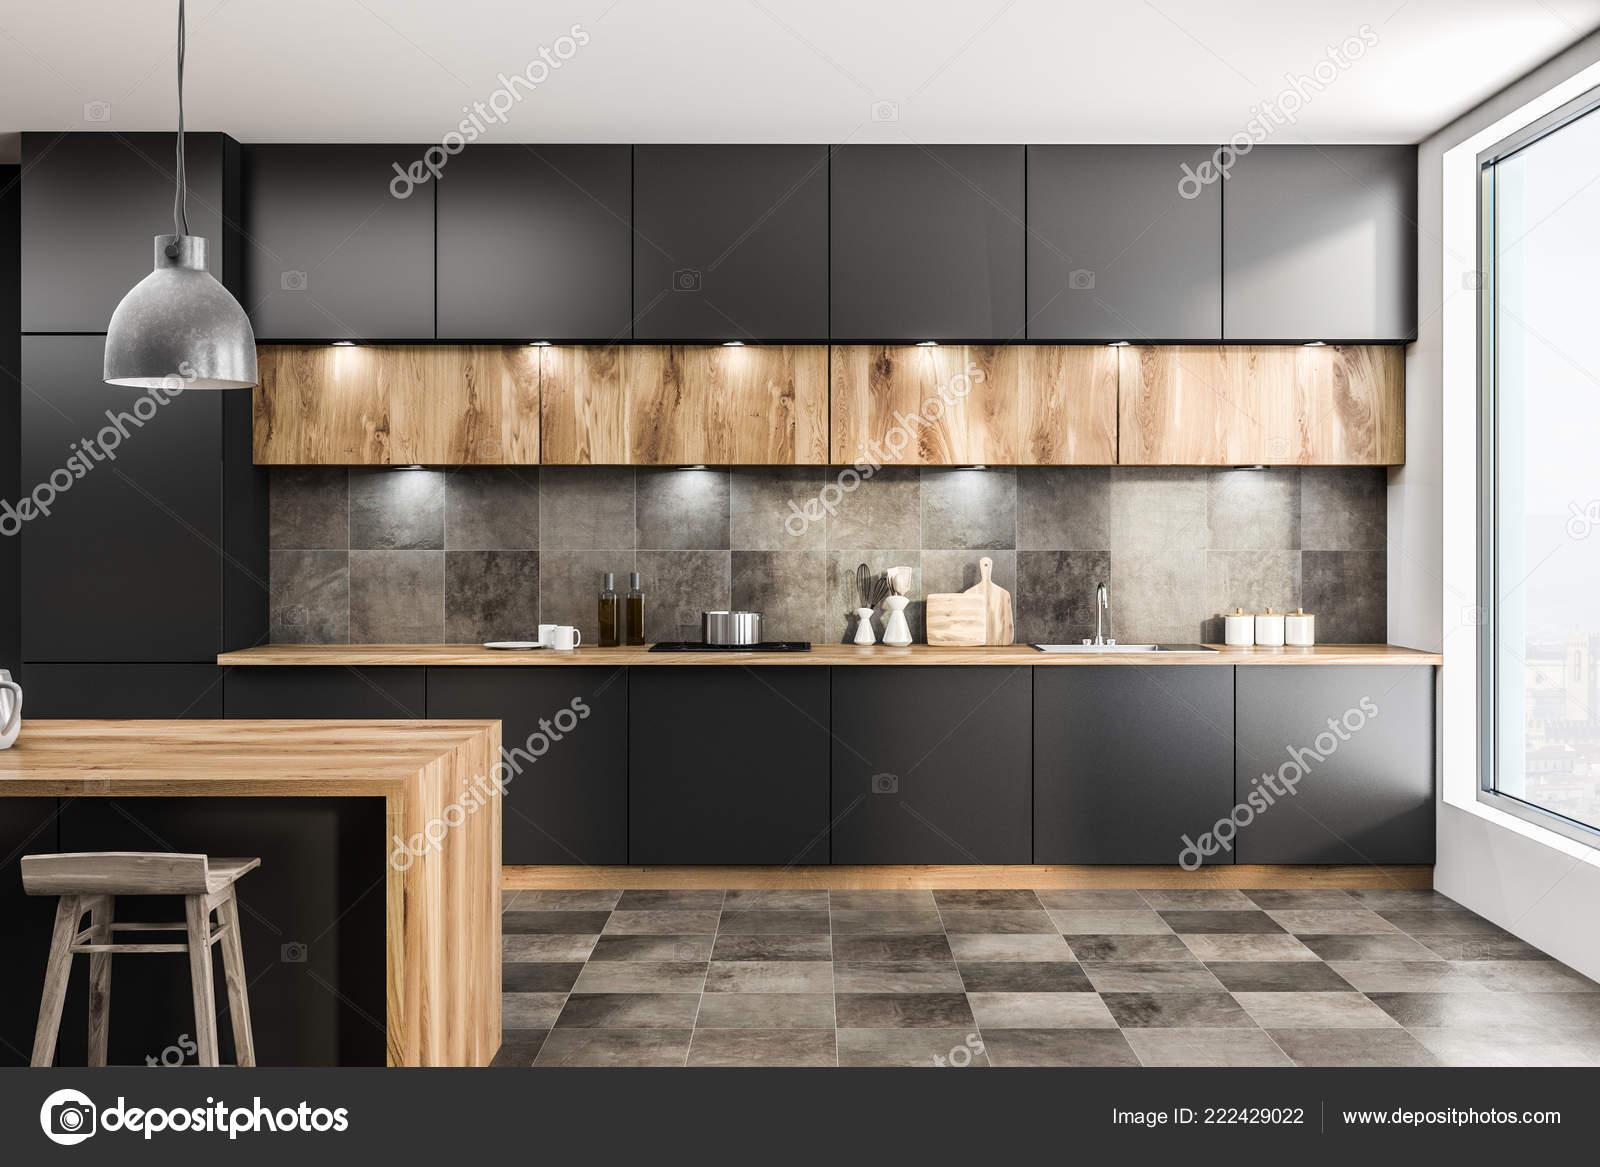 Vorderansicht Der Modernen Küche Interieur Mit Grauen Wänden ...